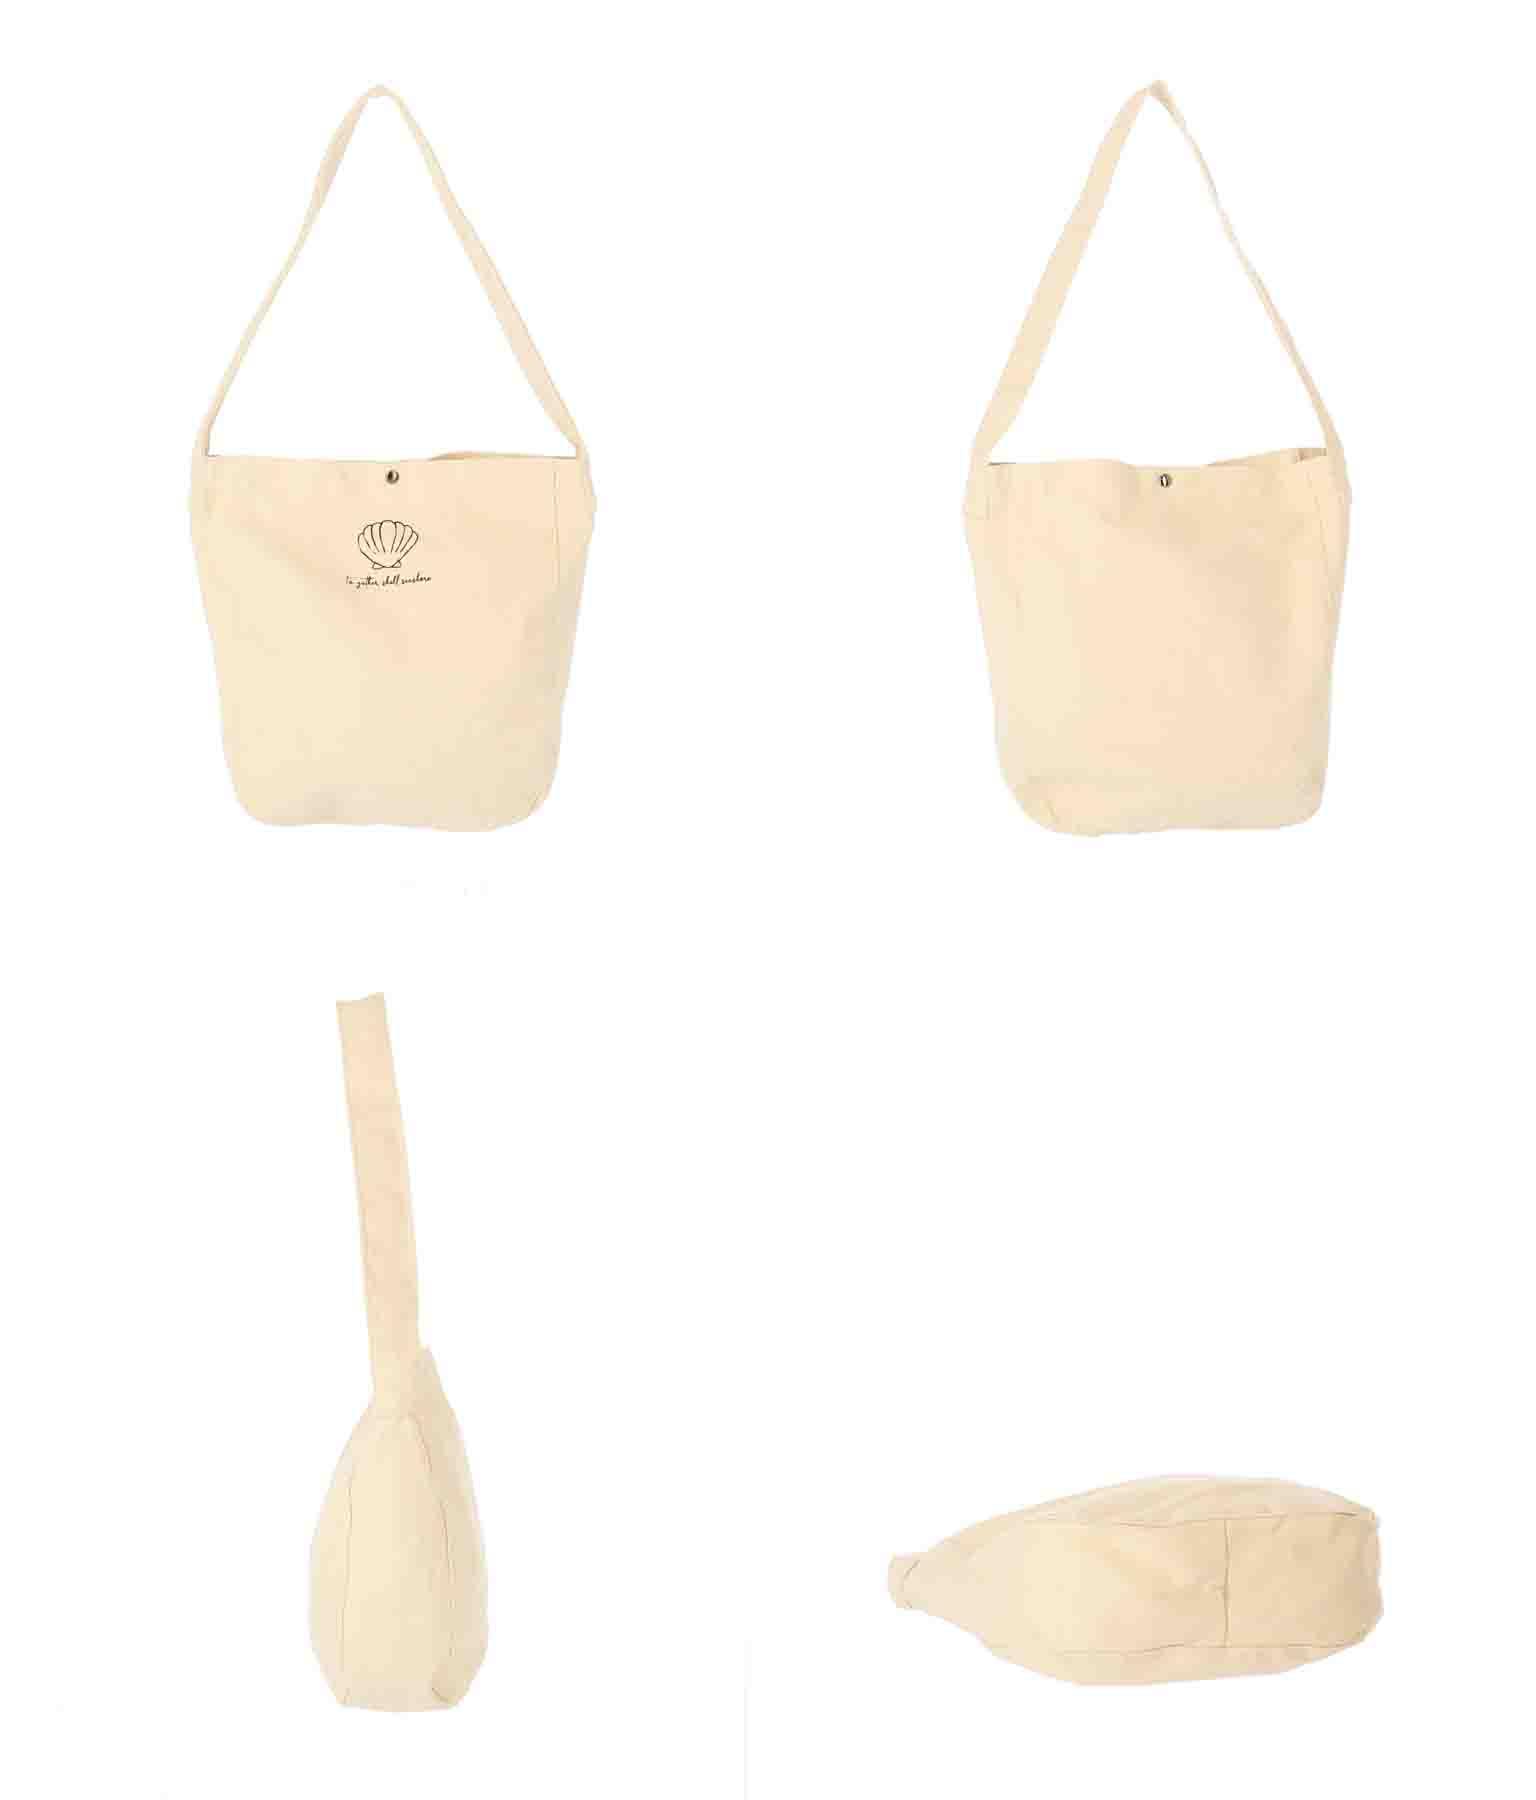 キャンバスシェルバッグ(バッグ・鞄・小物/トートバッグ) | anap mimpi